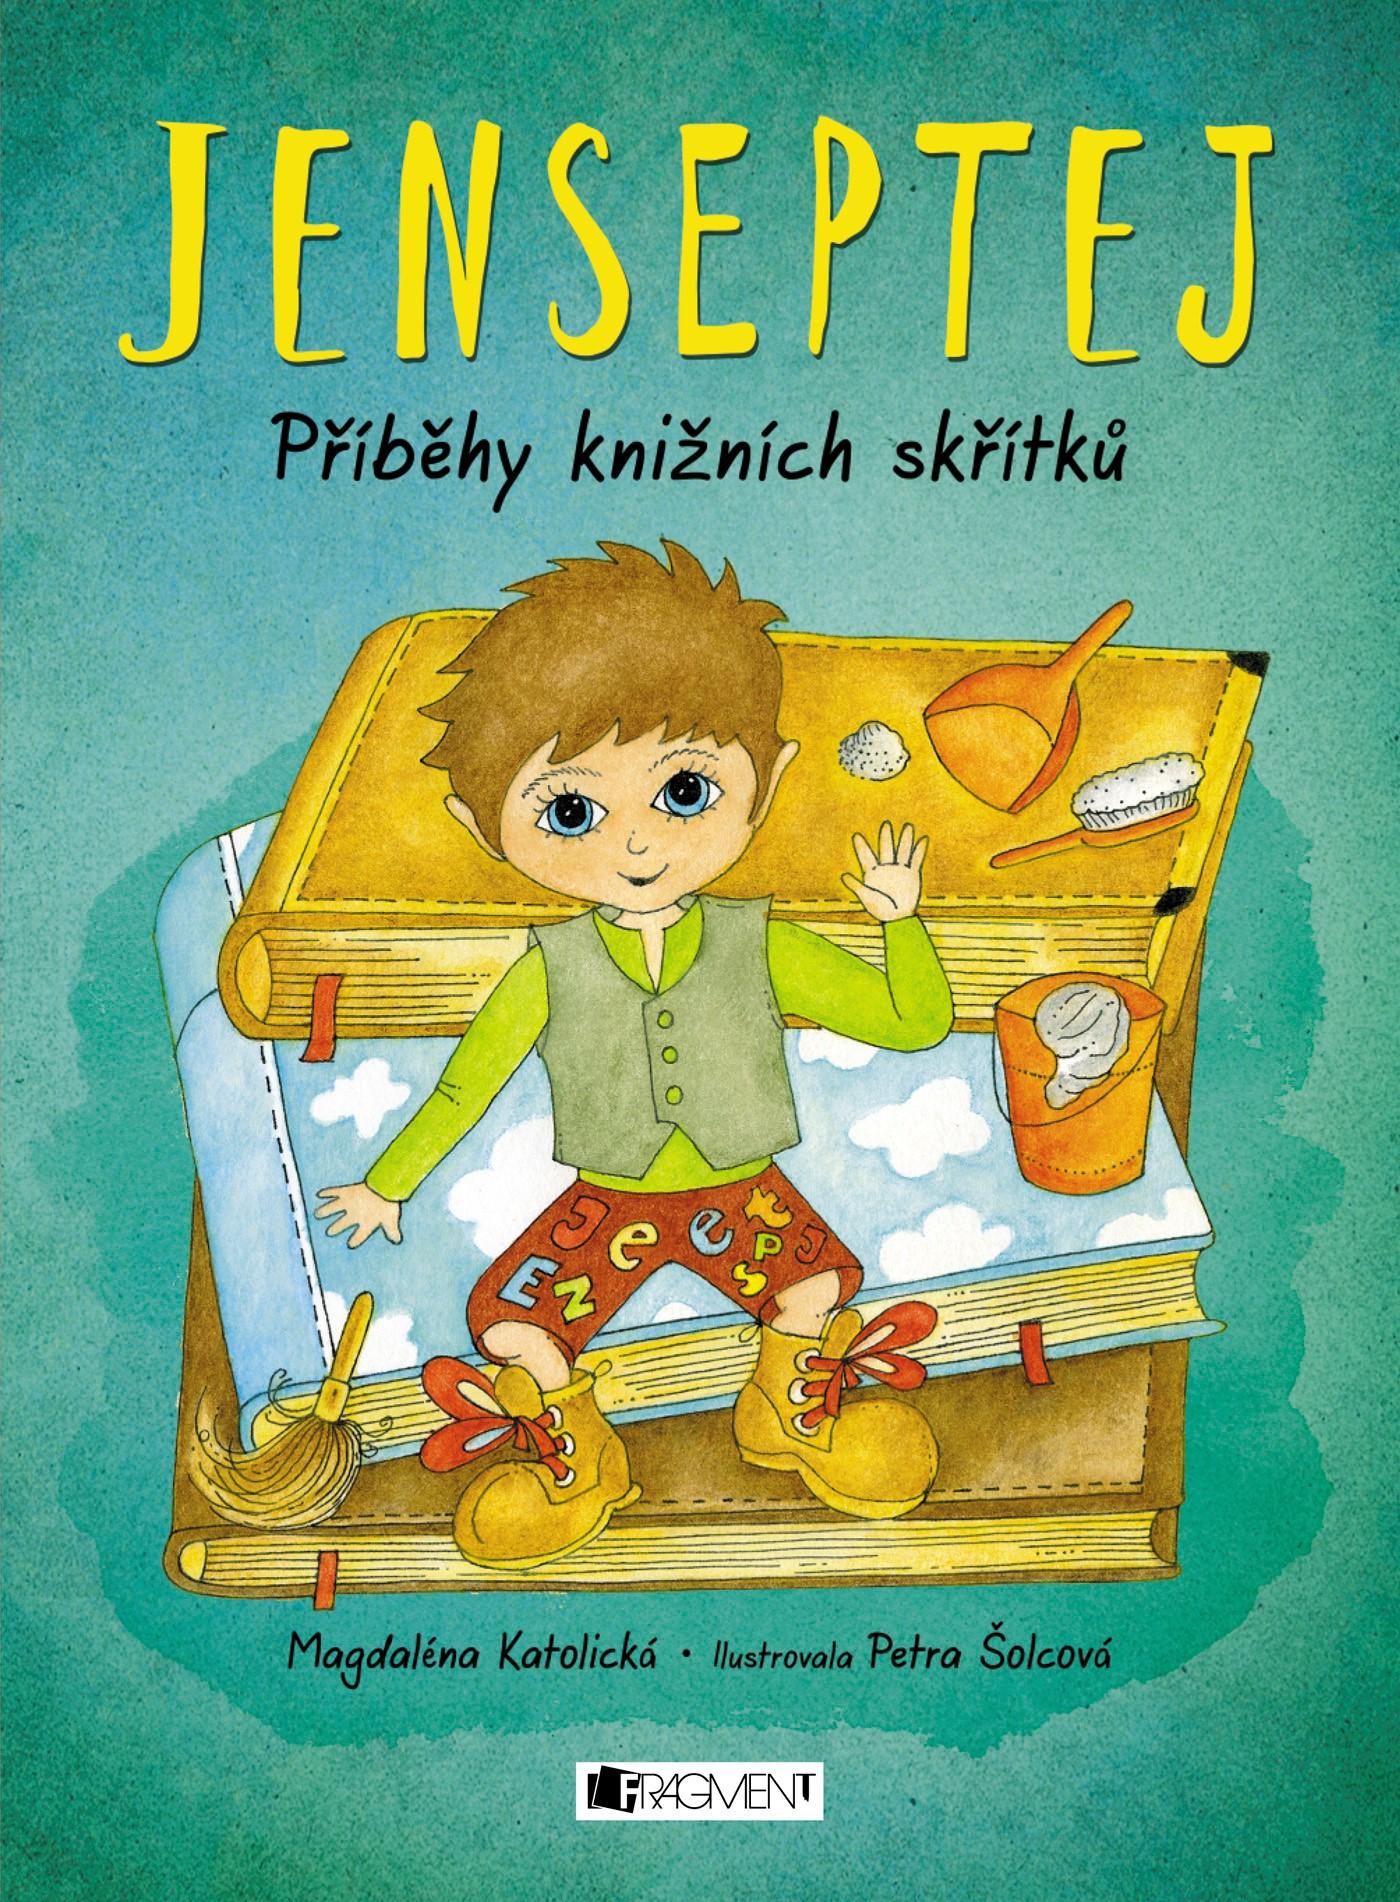 Jenseptej - Příběhy knižních skřítků